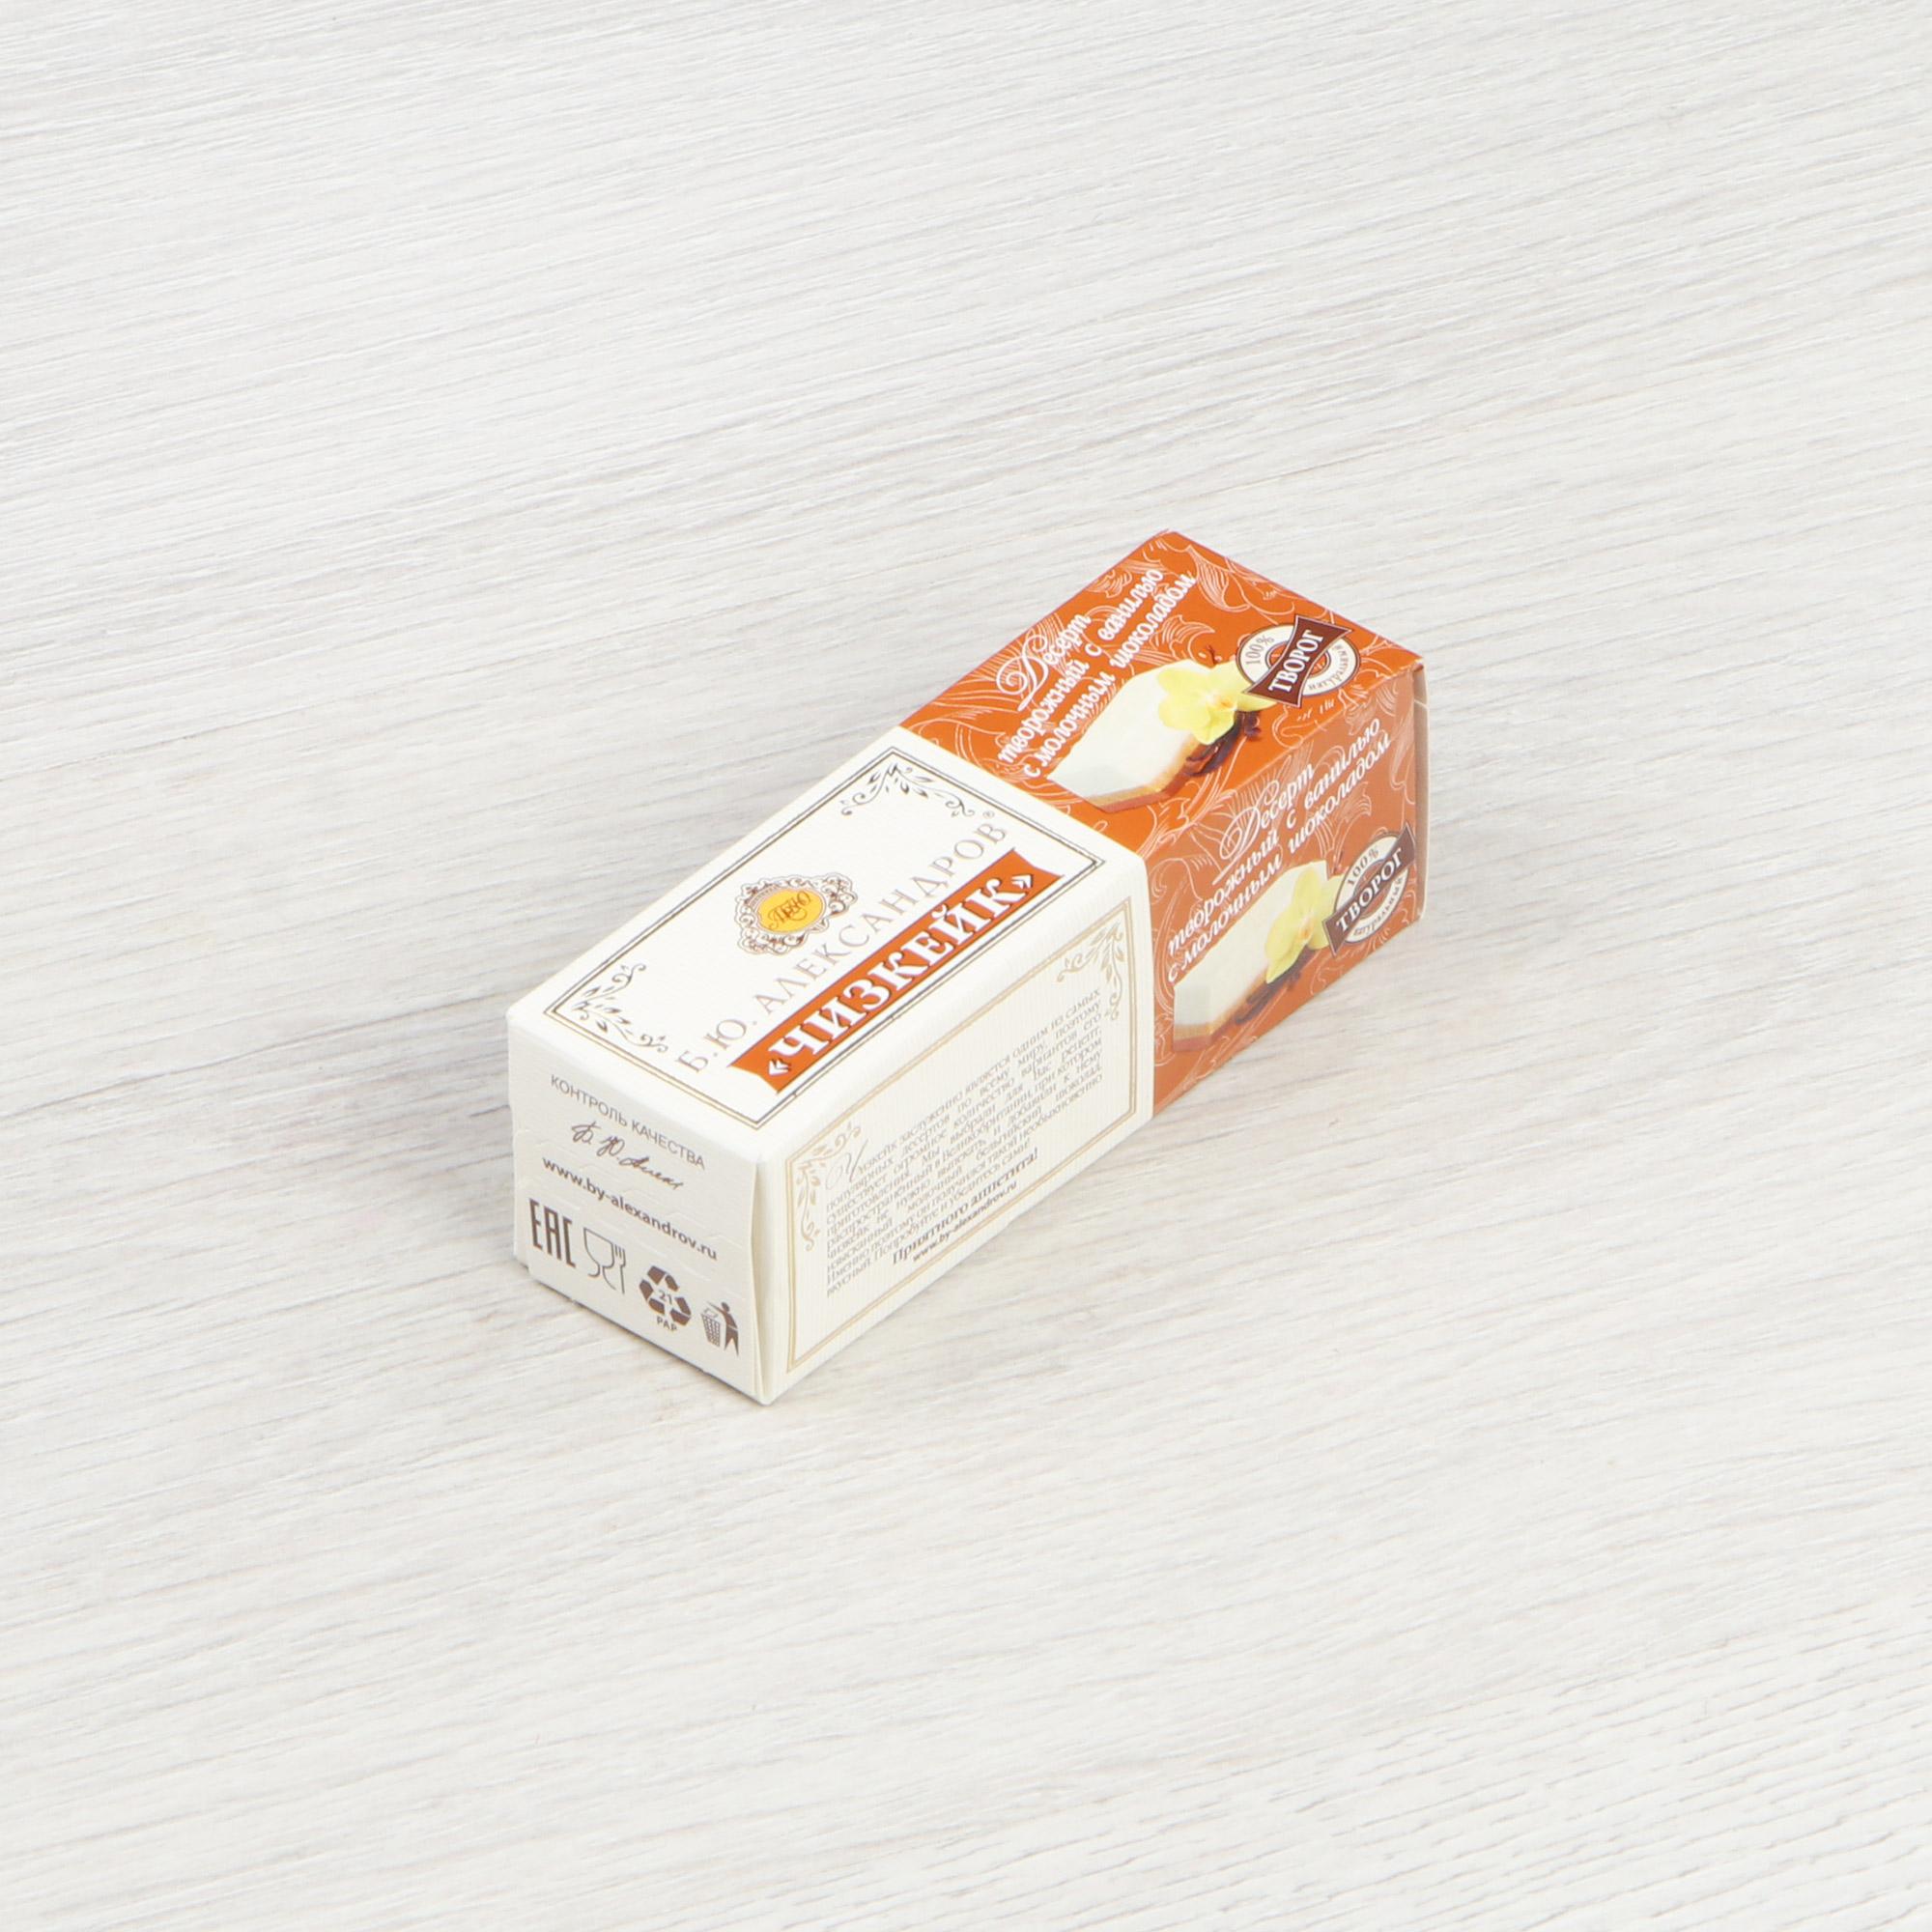 Десерт Б.Ю. Александров творожный чизкейк с ванилью и молочным шоколадом 15% 40 г творожный десерт danone